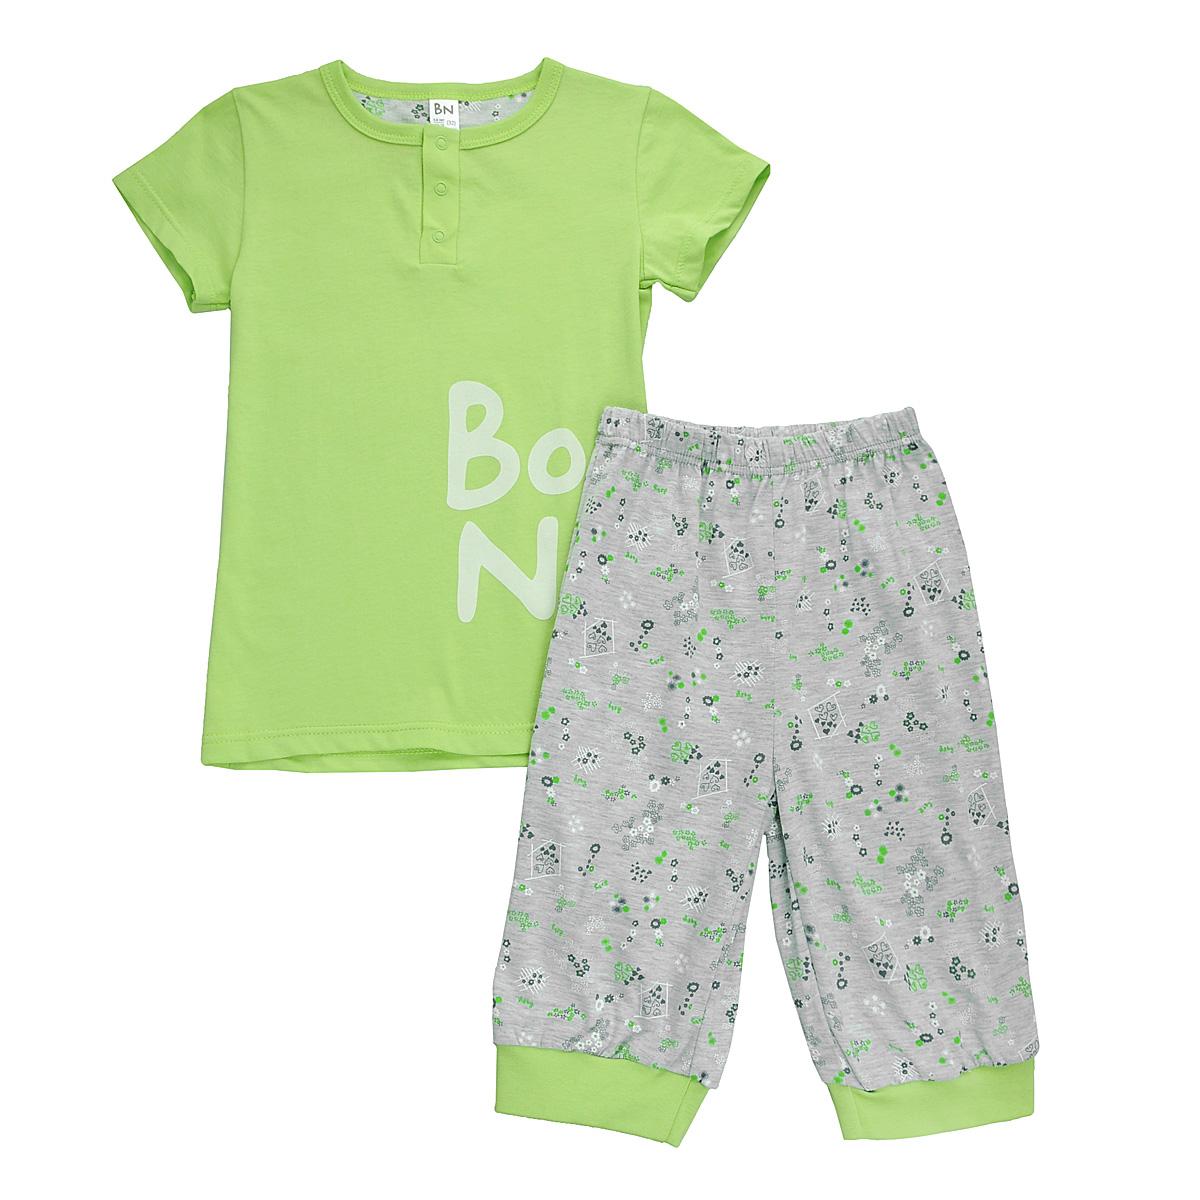 Фото - Пижама для девочки Bossa Nova, цвет: светло-зеленый, серый. 387Б-161. Размер 122/128, 7-8 лет пижамы и ночные сорочки bossa nova пижама джемпер и брюки для девочки супергерои 356б 161